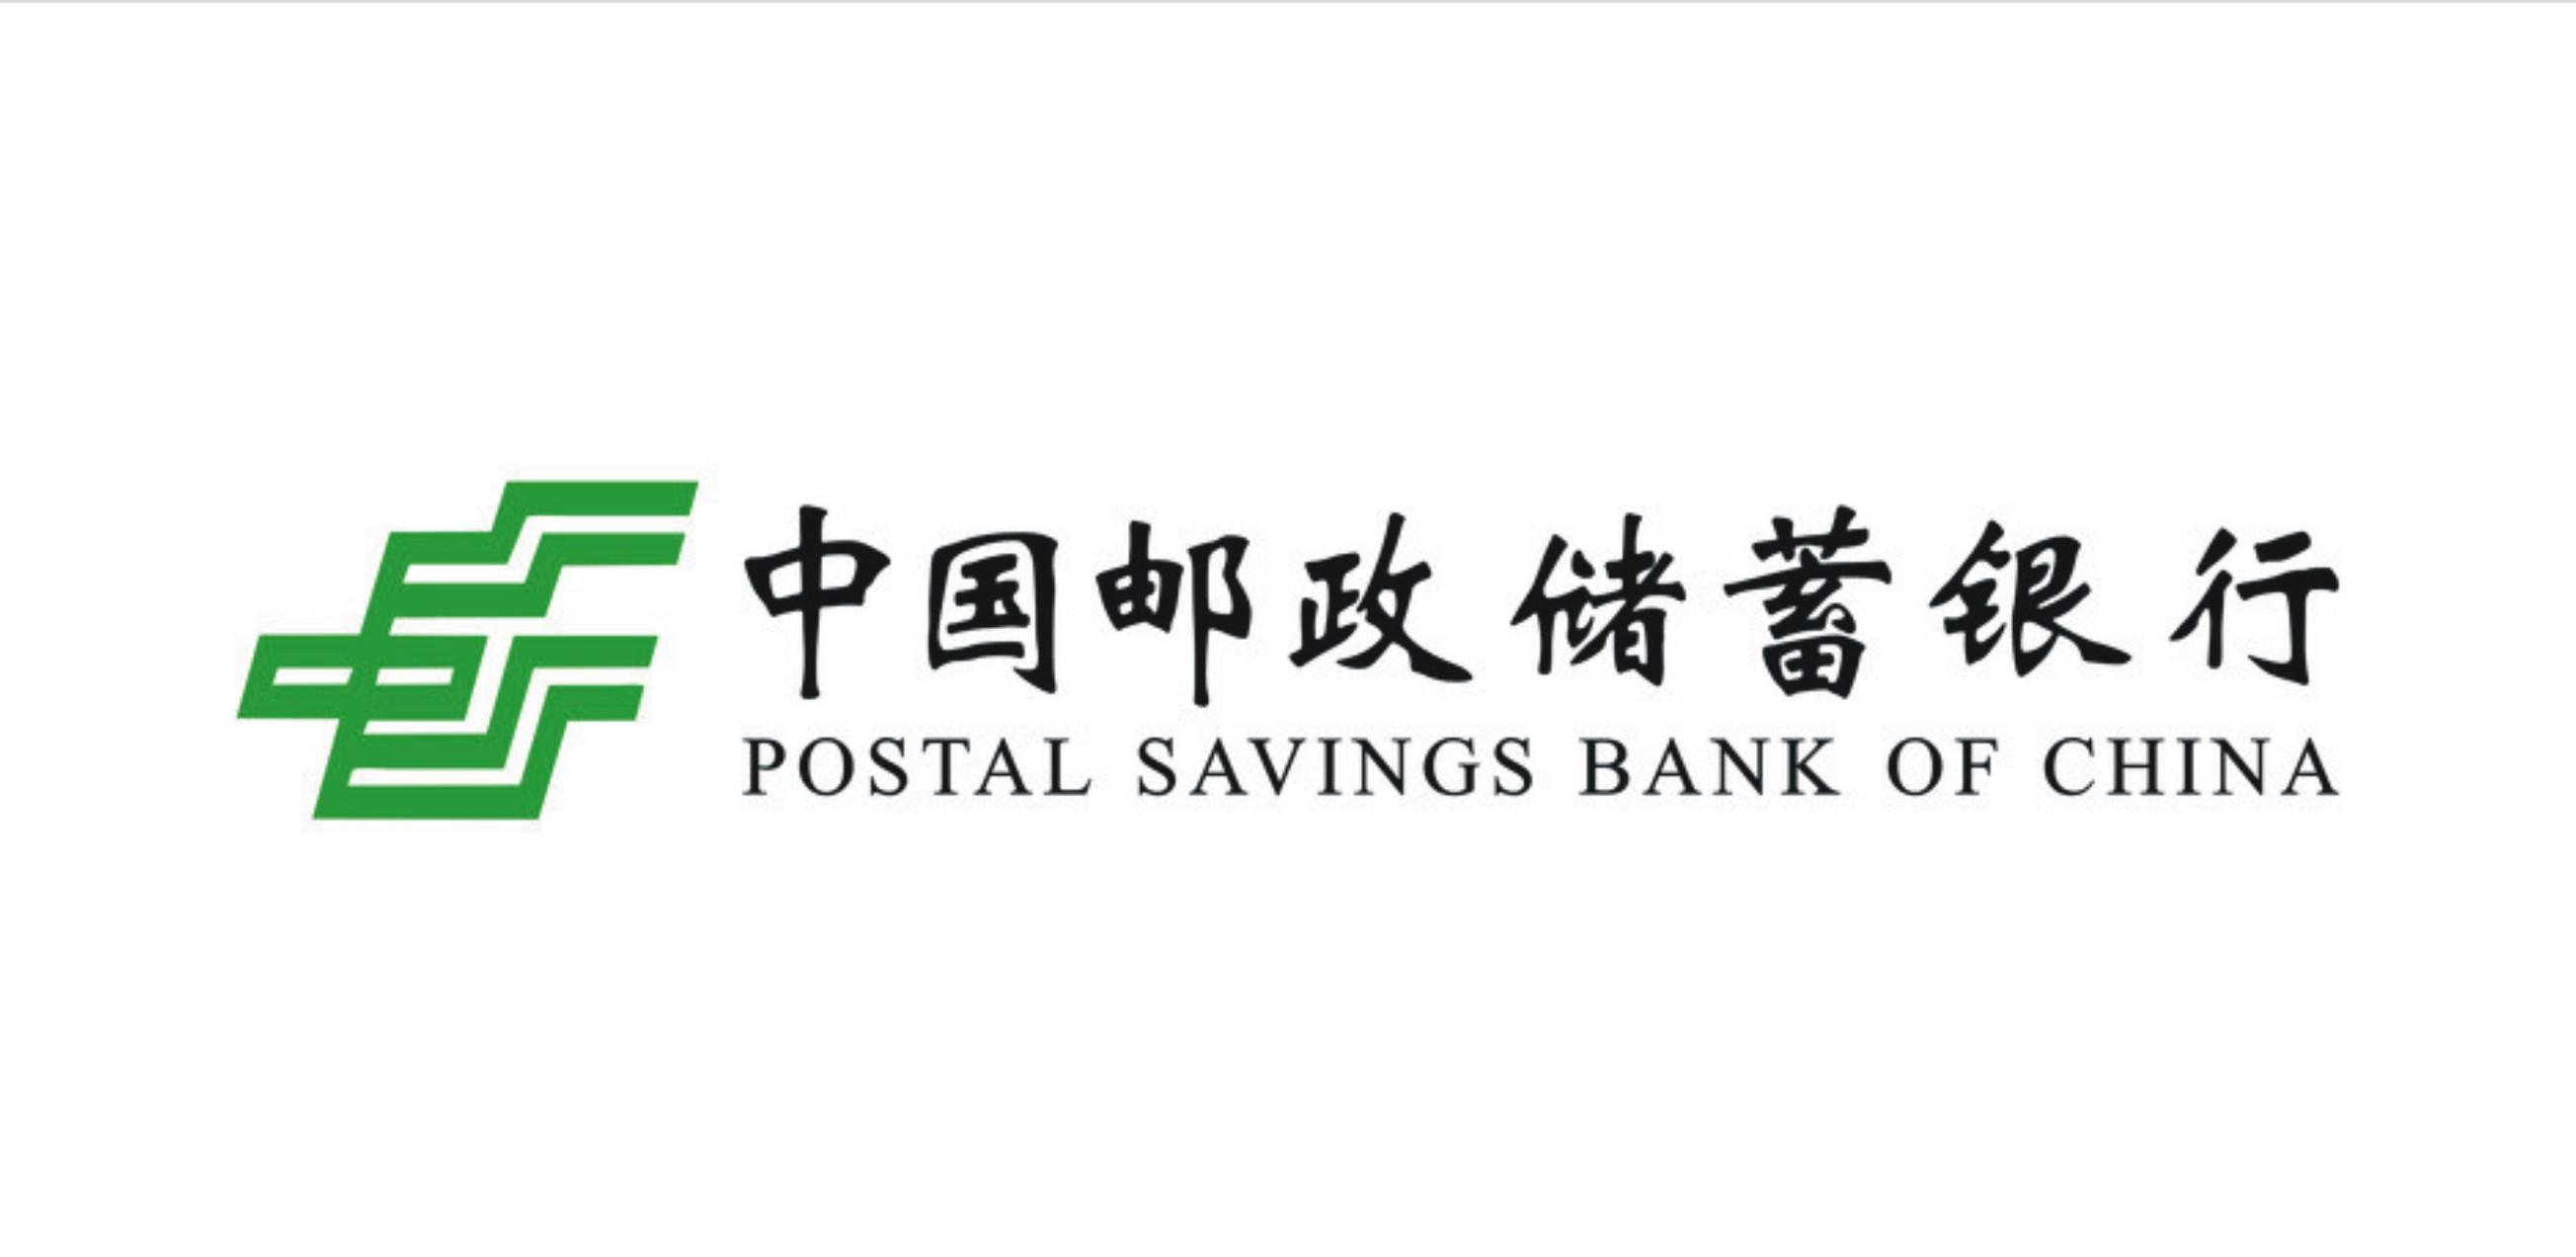 邮政银行跨行转账手续费